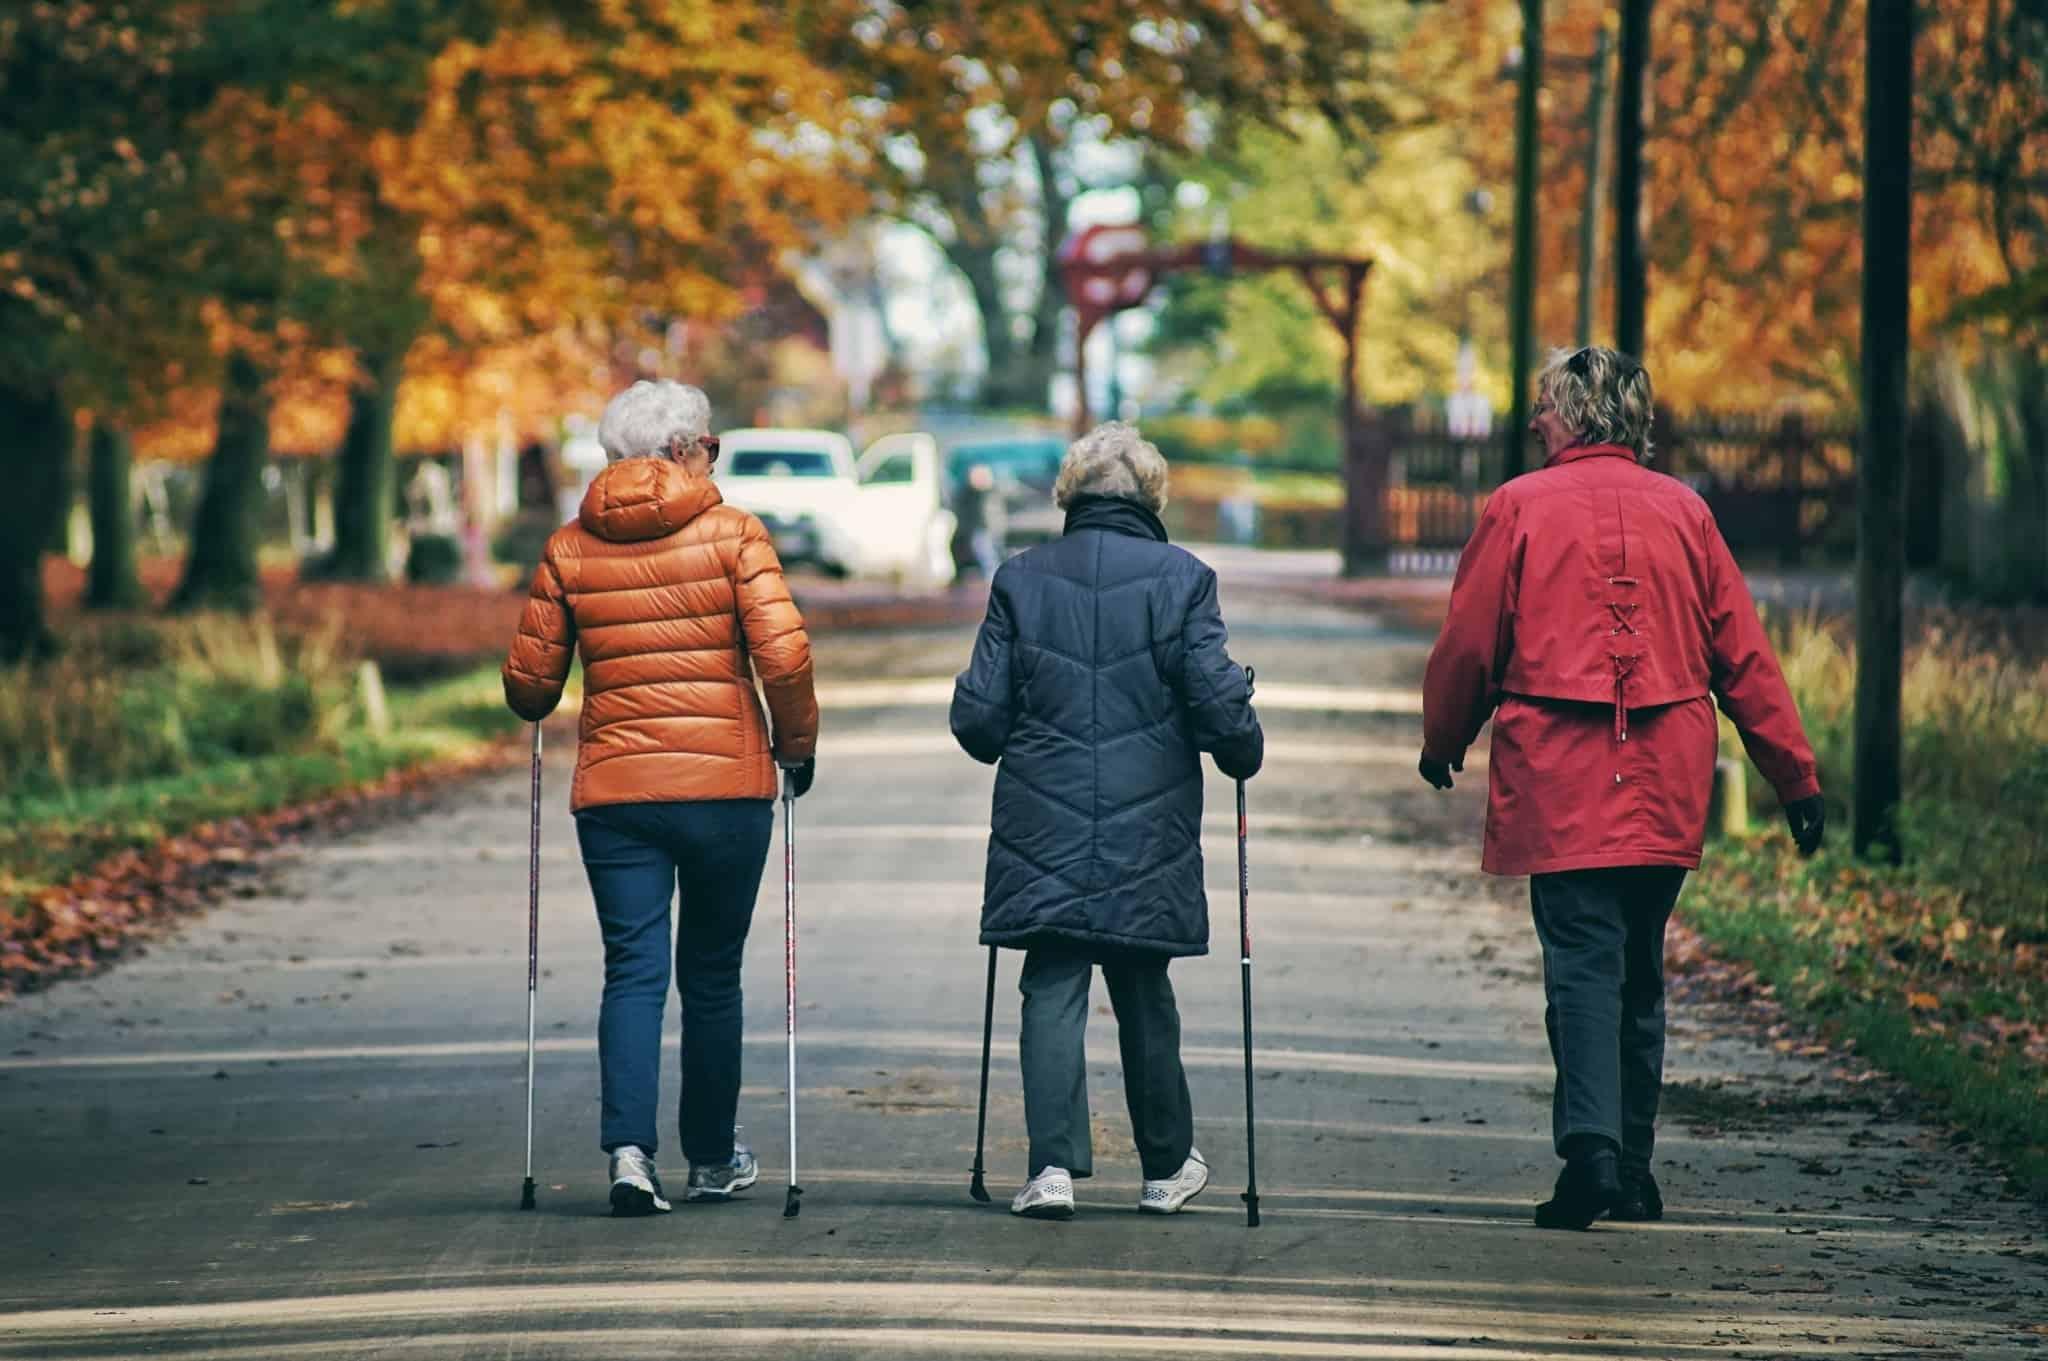 Cuidador-Informal_passeio-de-idosos_parque